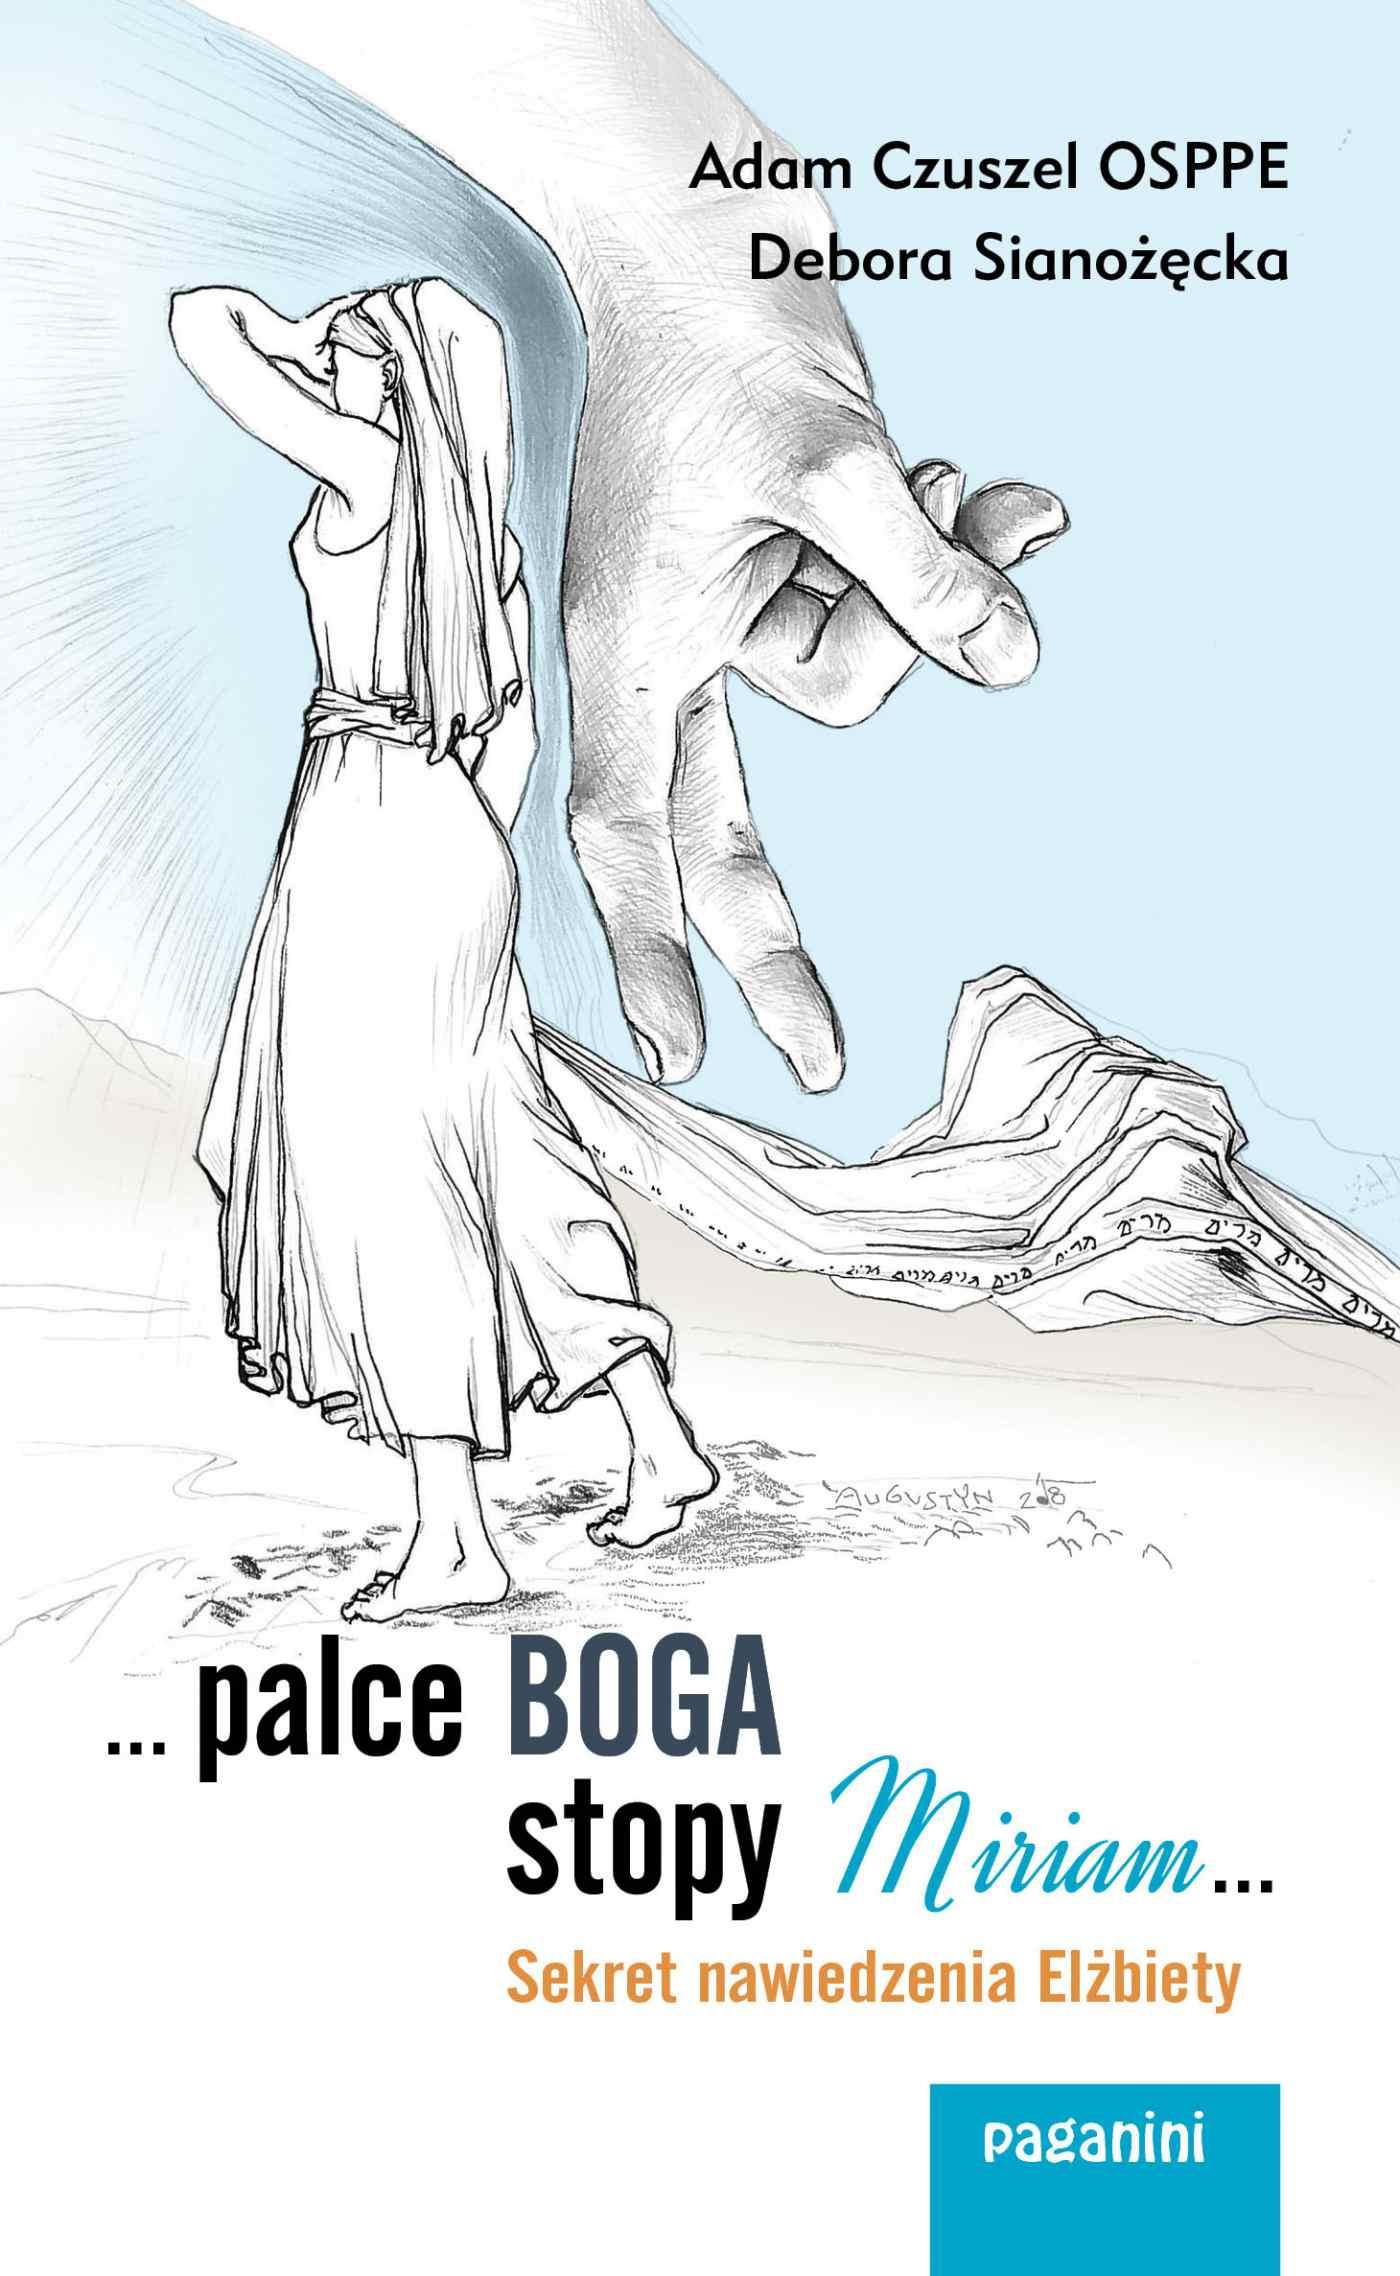 ...palce Boga, stopy Miriam... Sekret nawiedzenia Elżbiety - Ebook (Książka na Kindle) do pobrania w formacie MOBI